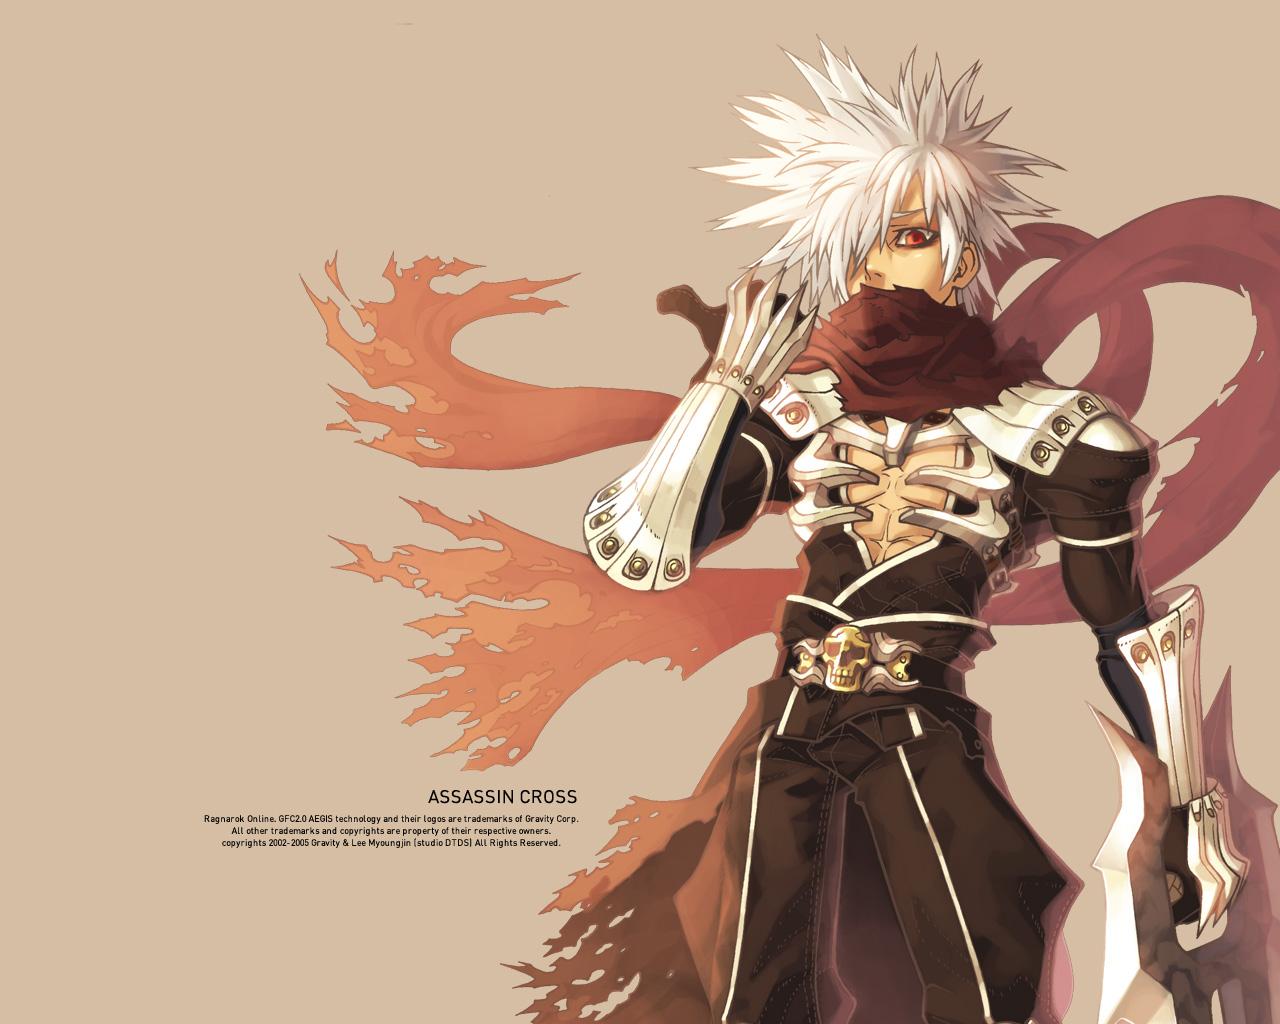 Ragnarok Online Wallpaper Zerochan Anime Image Board